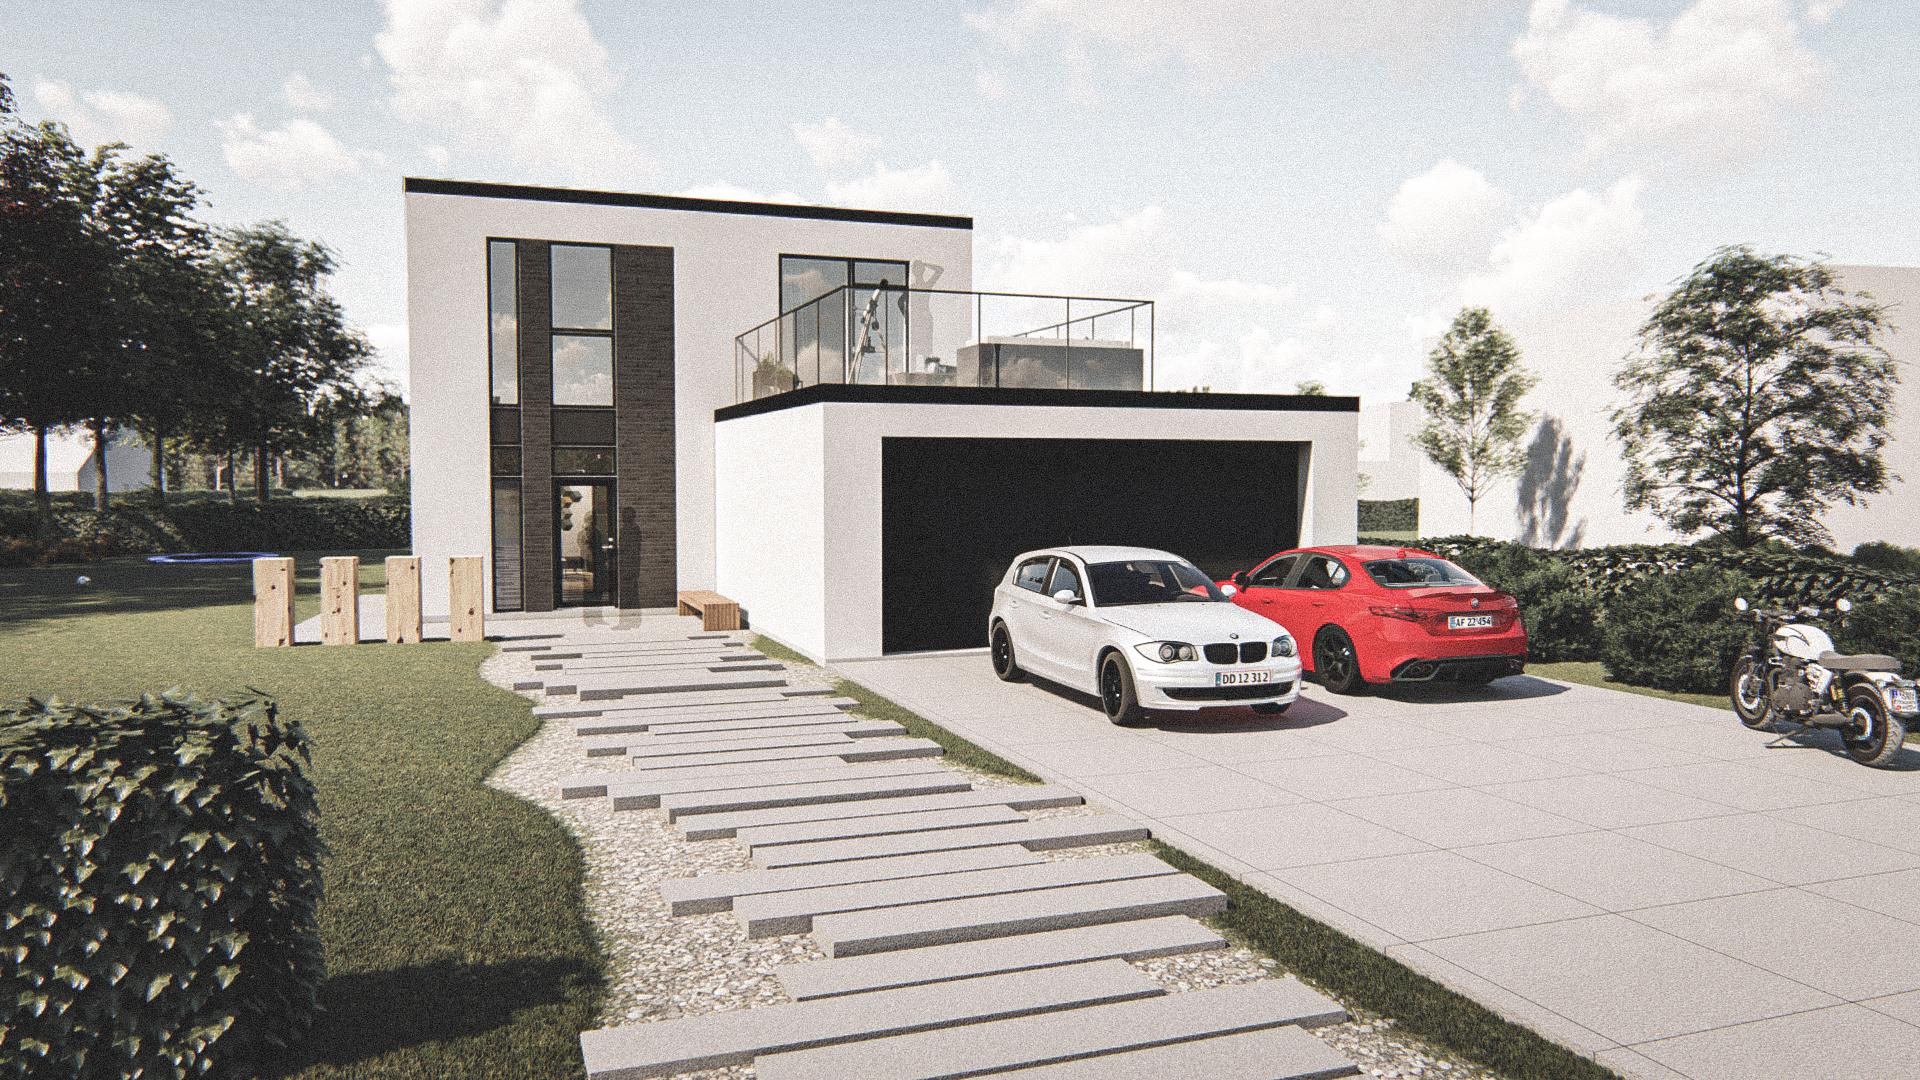 Billede af Dansk arkitekttegnet 2 plan villa af arkitektfirmaet m2plus, i Fredericia på 180 kvartratmeter.